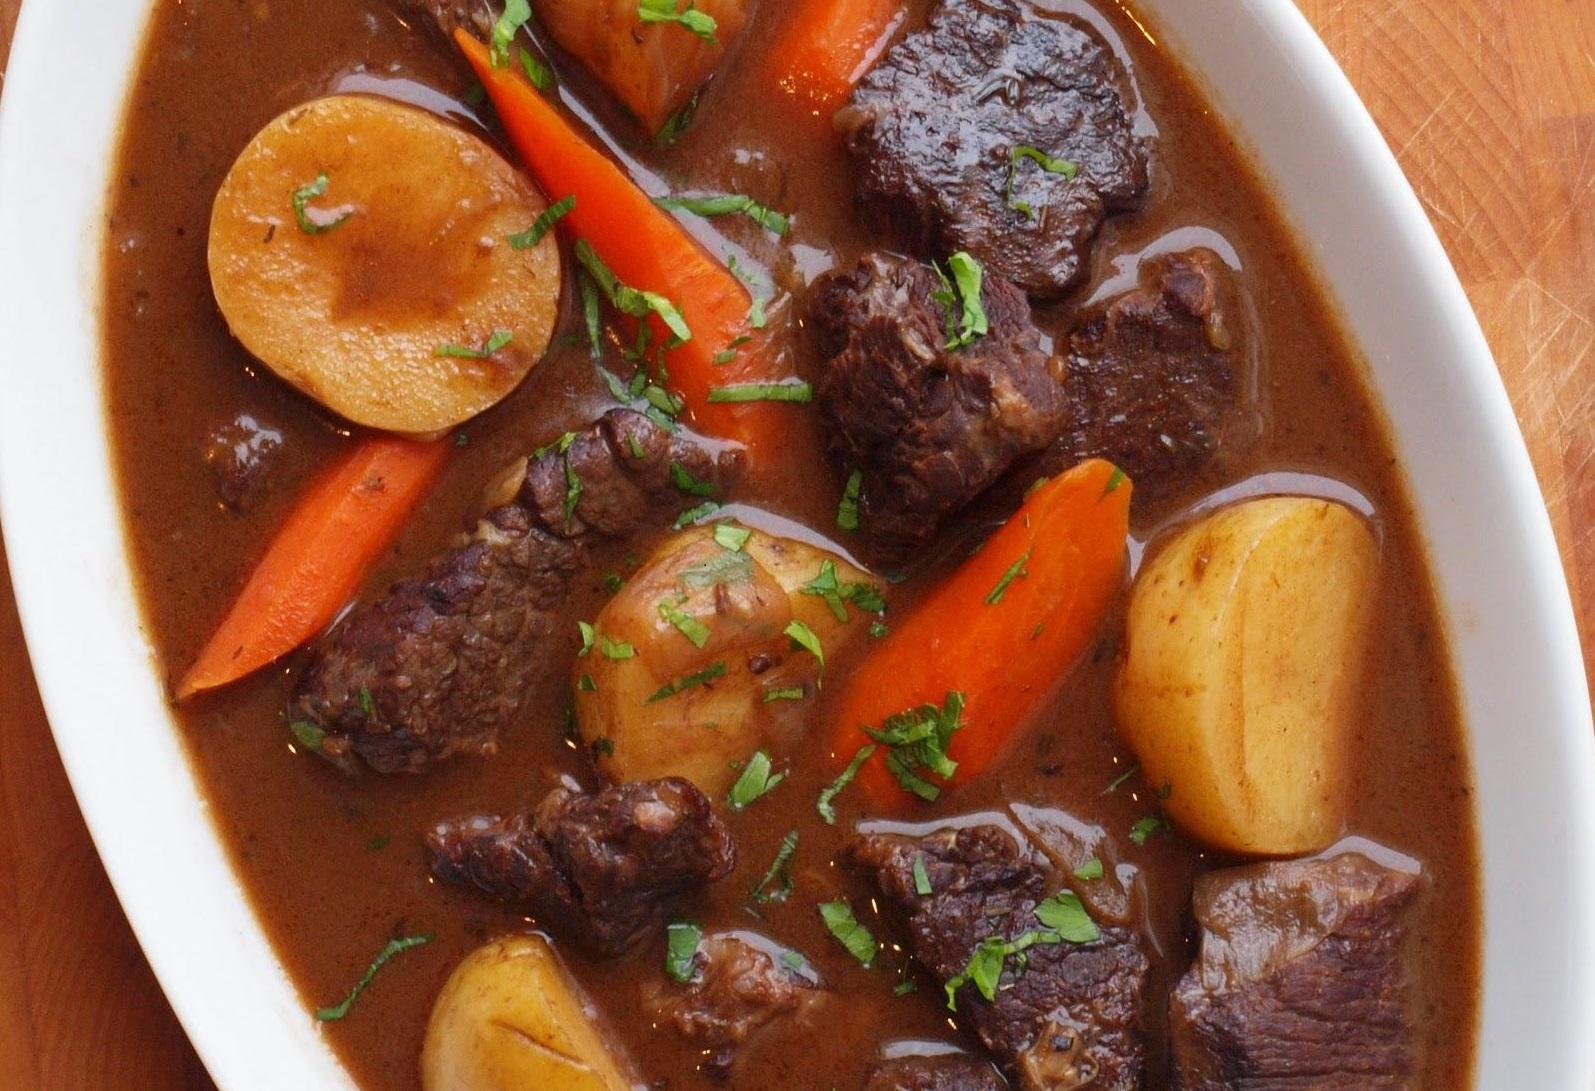 Thịt trâu làm món gì ngon - Thịt trâu hầm rau củ